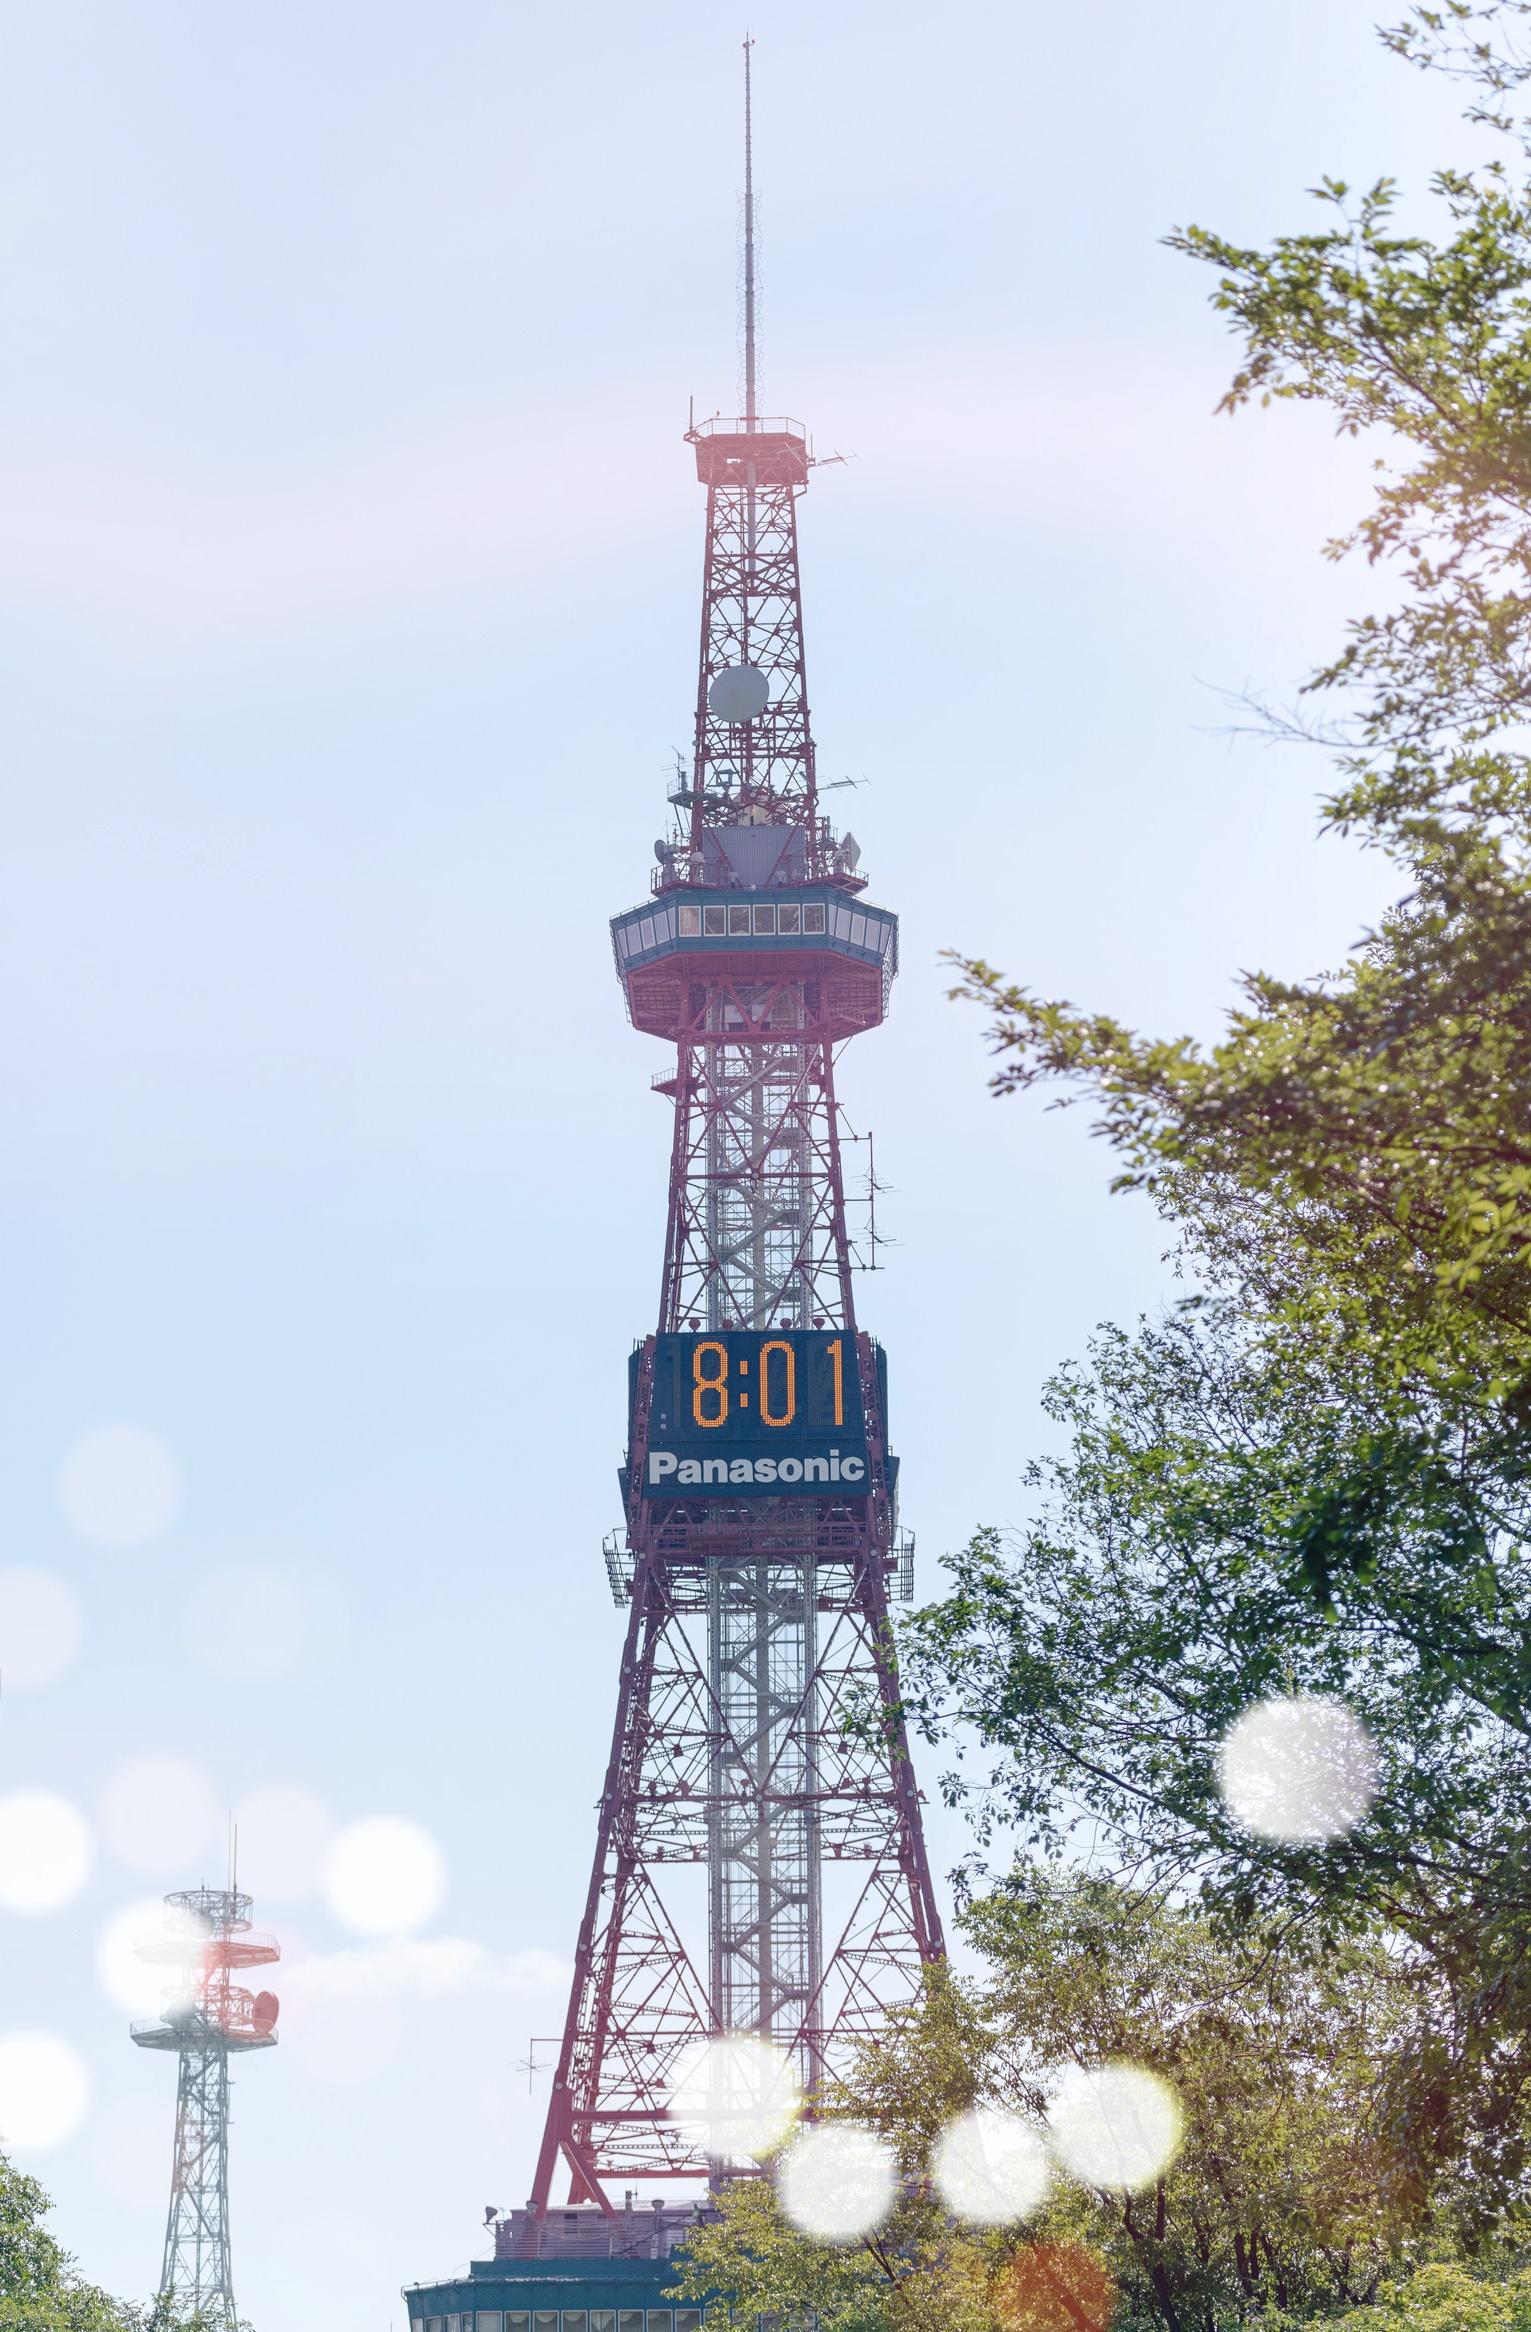 友人少なめ、ぼっちな私も楽しめる冬の札幌!時計台やテレビ塔など4